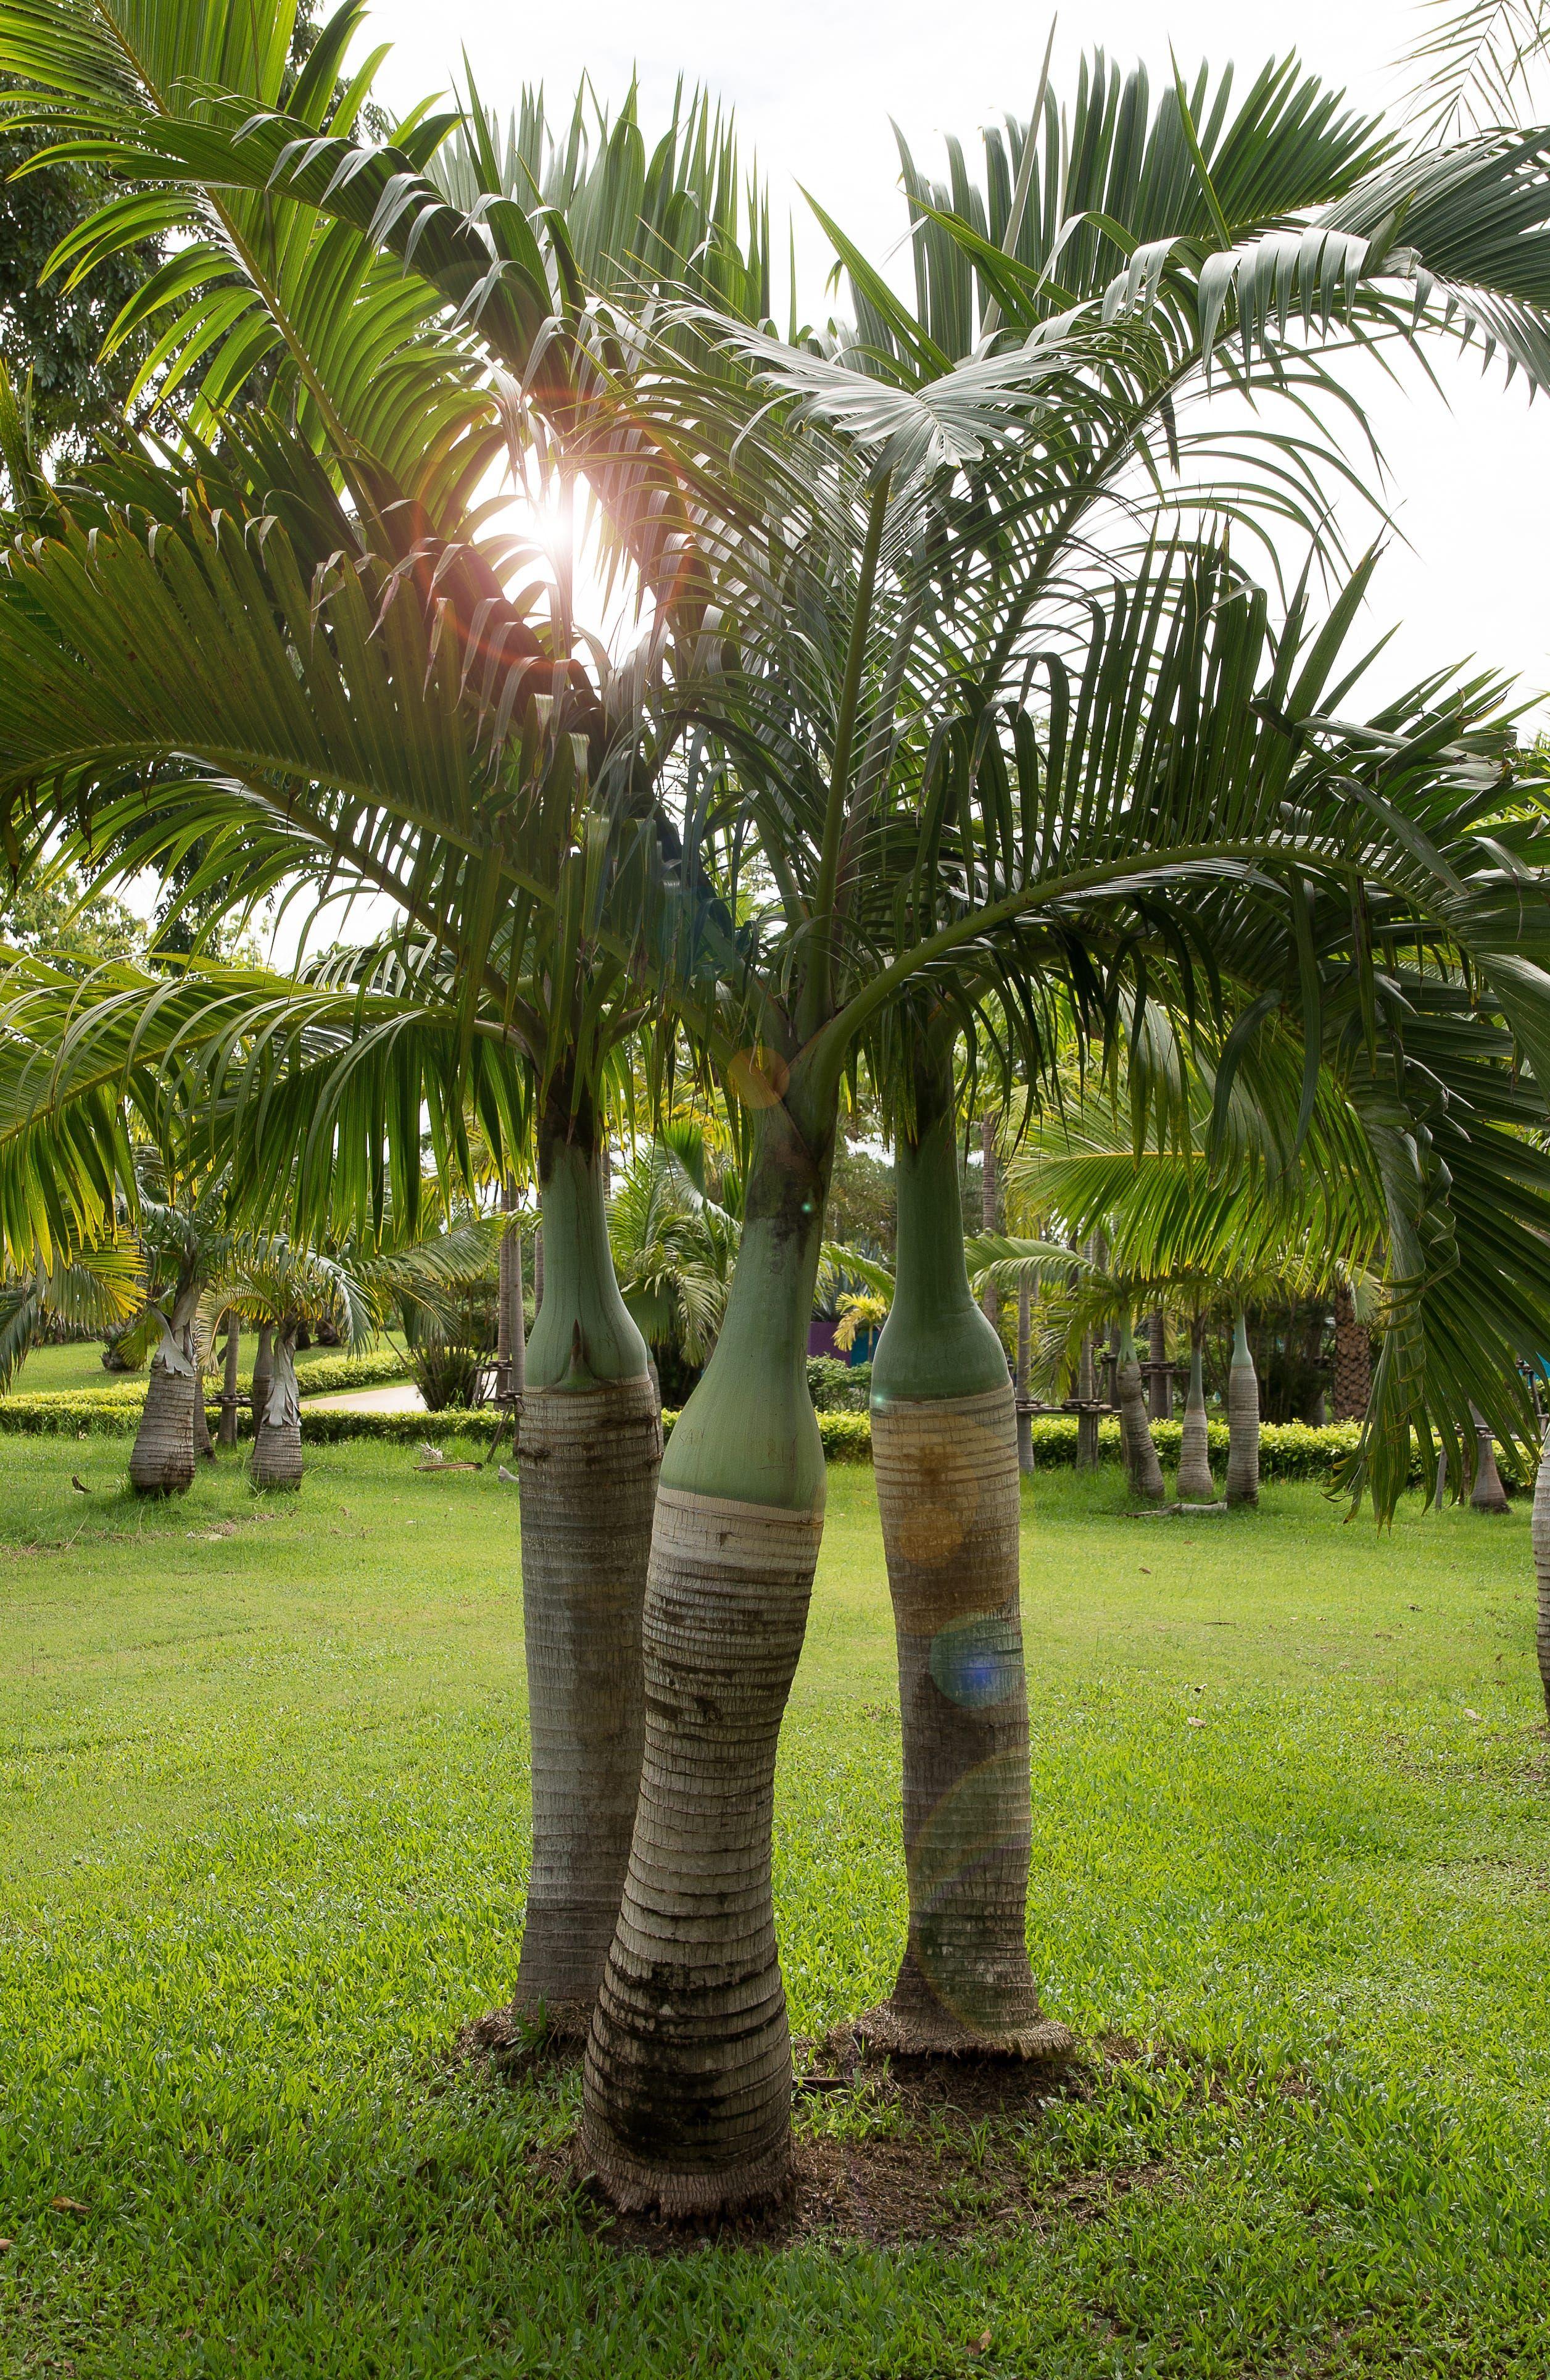 palmier 8 infos savoir pour l adopter dans son jardin. Black Bedroom Furniture Sets. Home Design Ideas